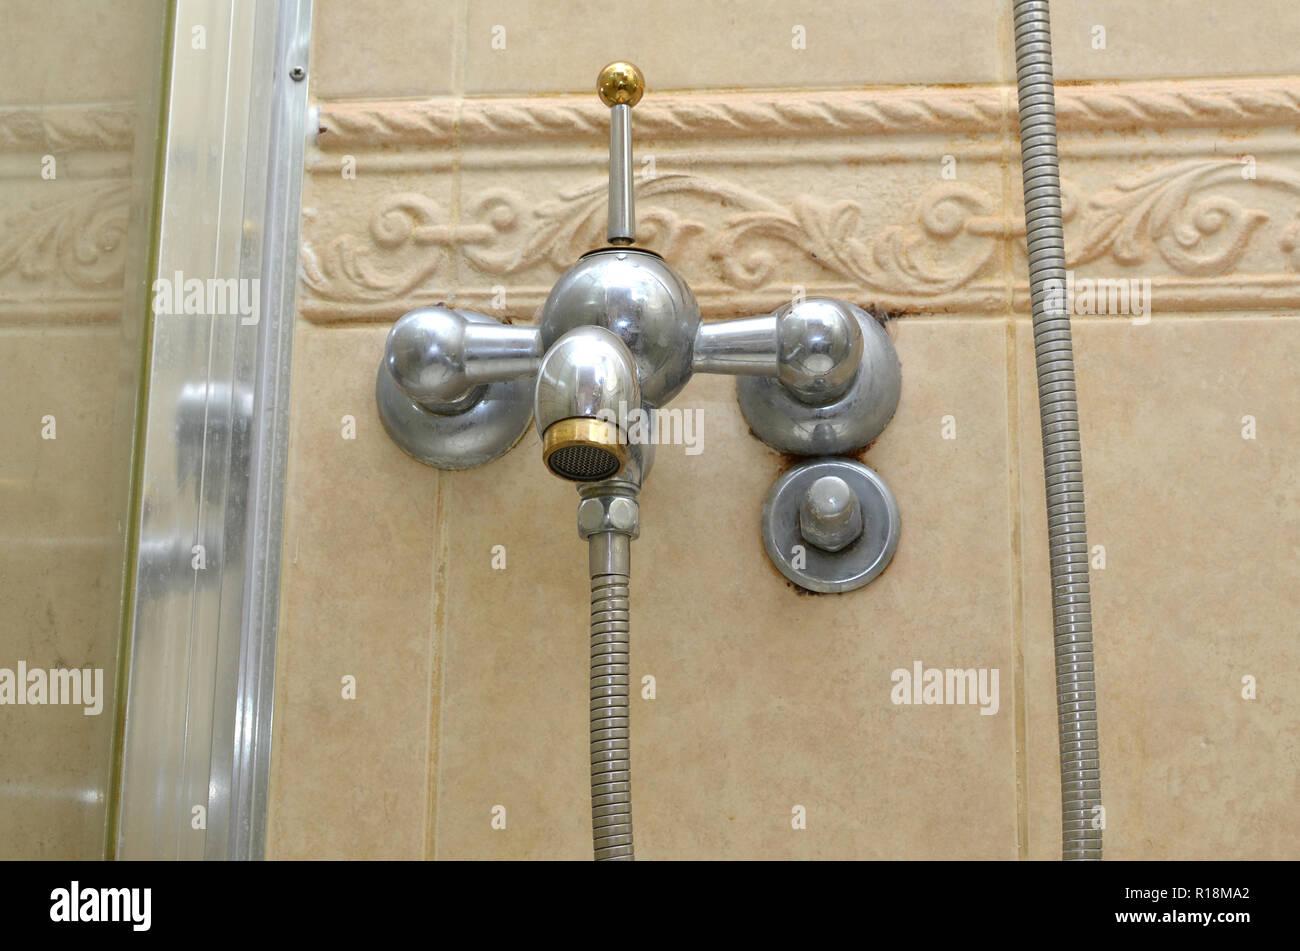 Badezimmer Hahn auf einem beigefarbenen Fliesen Badezimmer ...